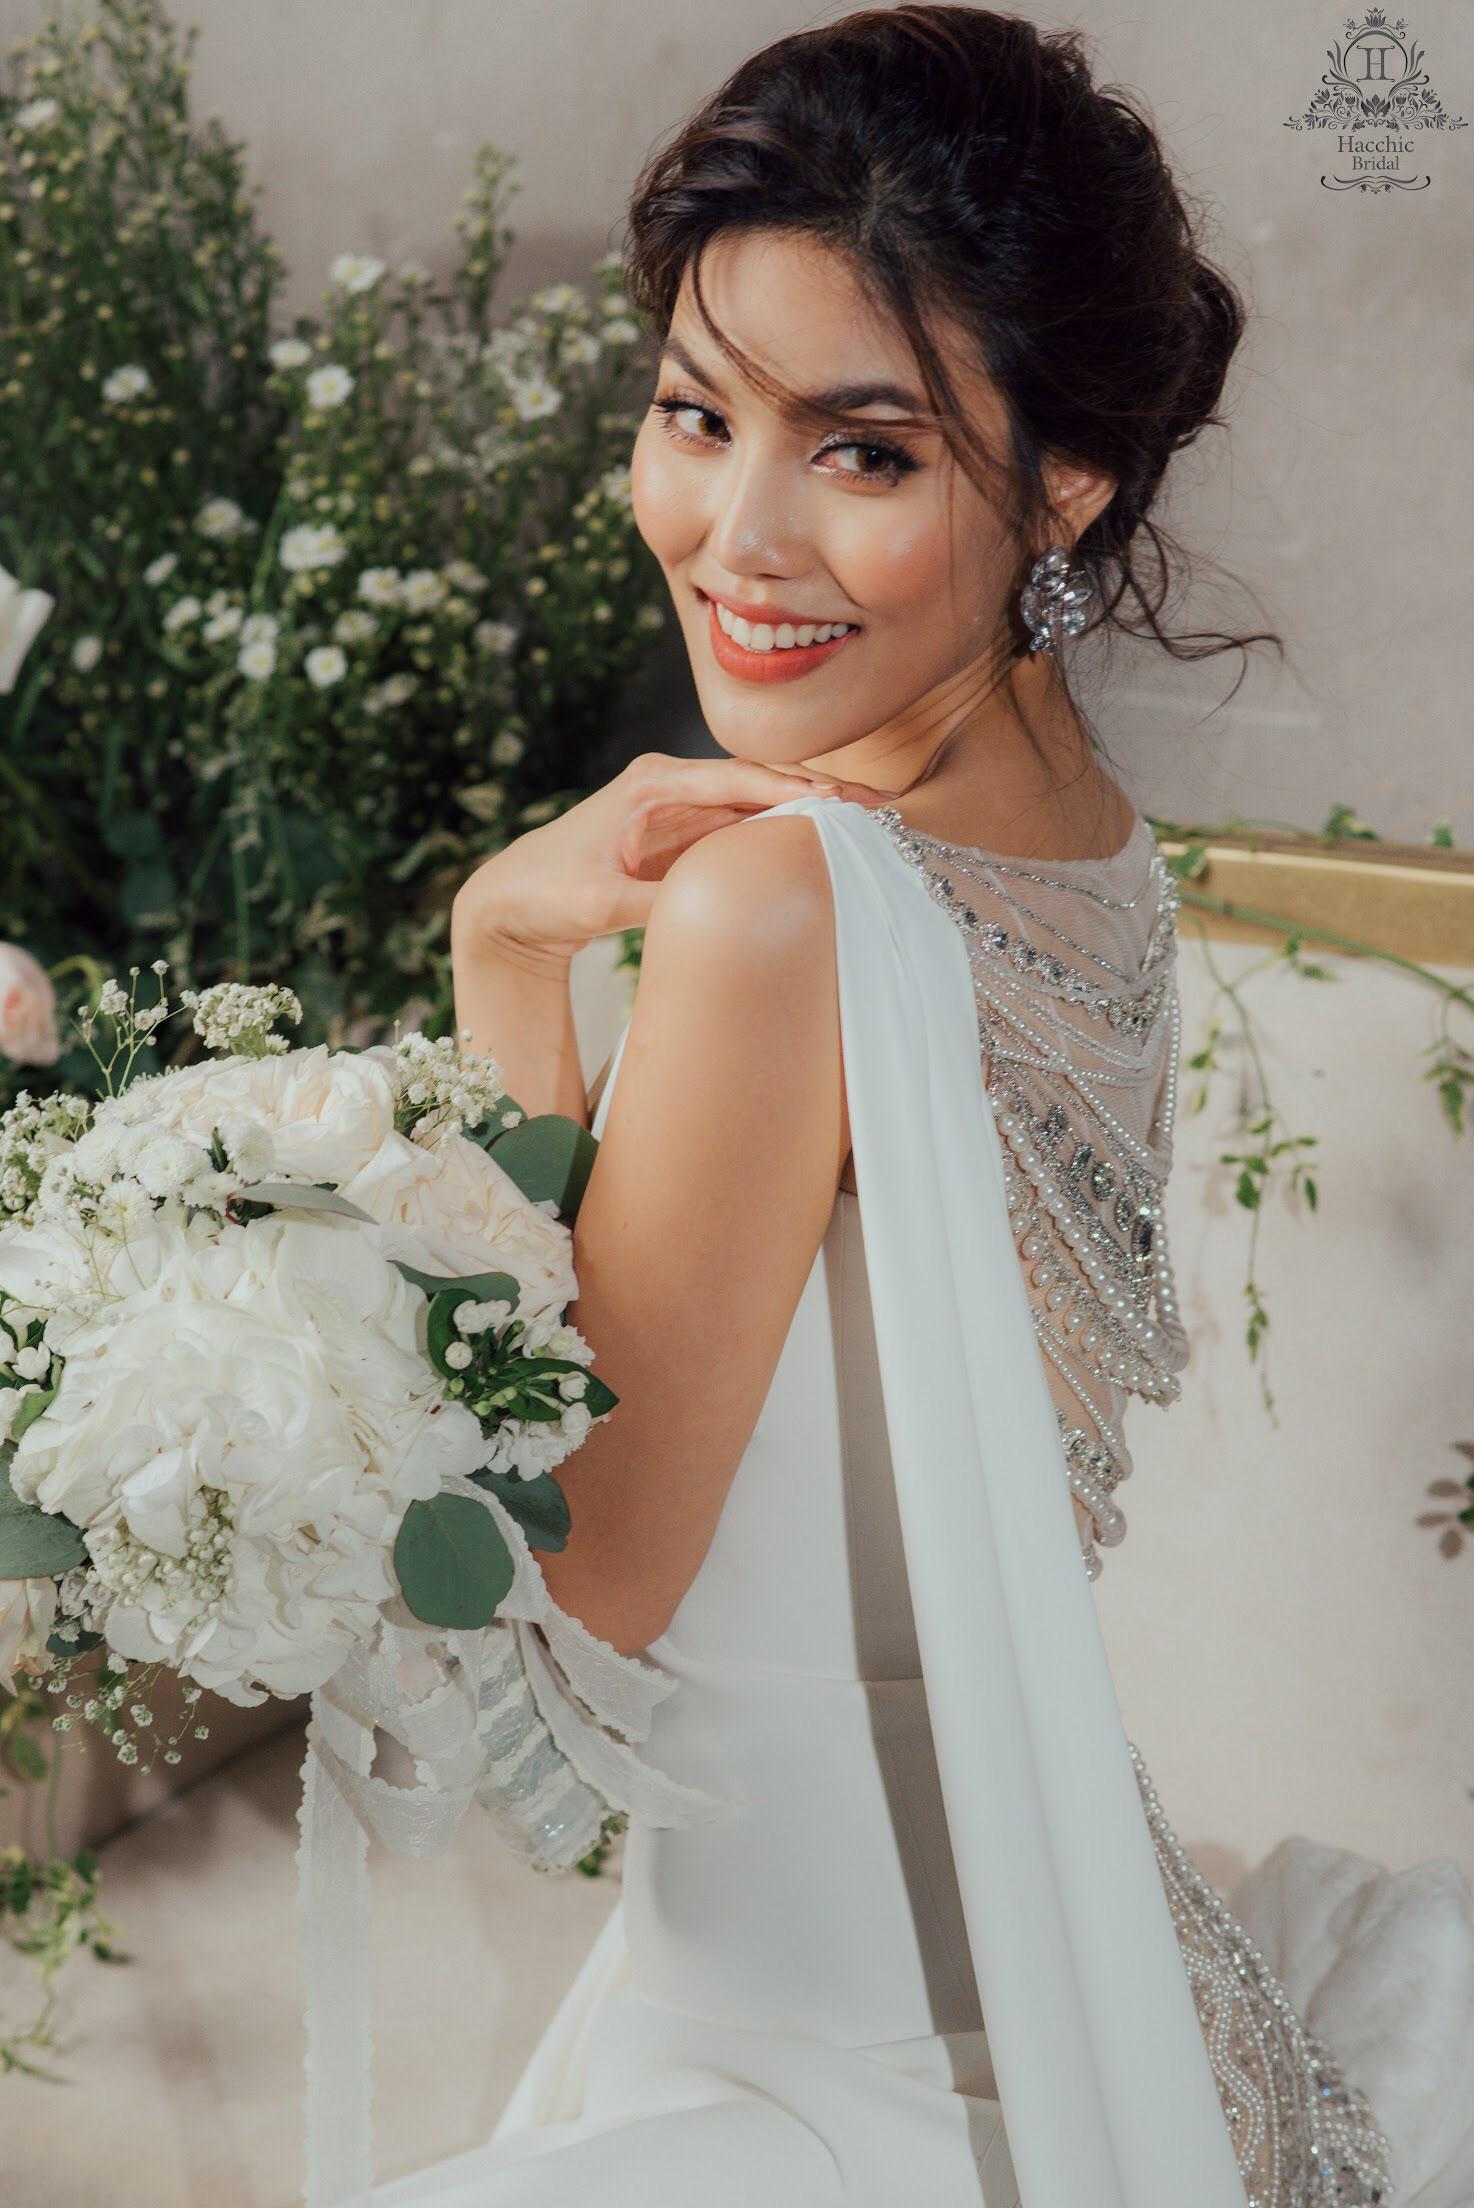 Váy cưới chính thức của Lan Khuê trị giá tới 500 triệu đồng đã được tiết lộ - Ảnh 8.